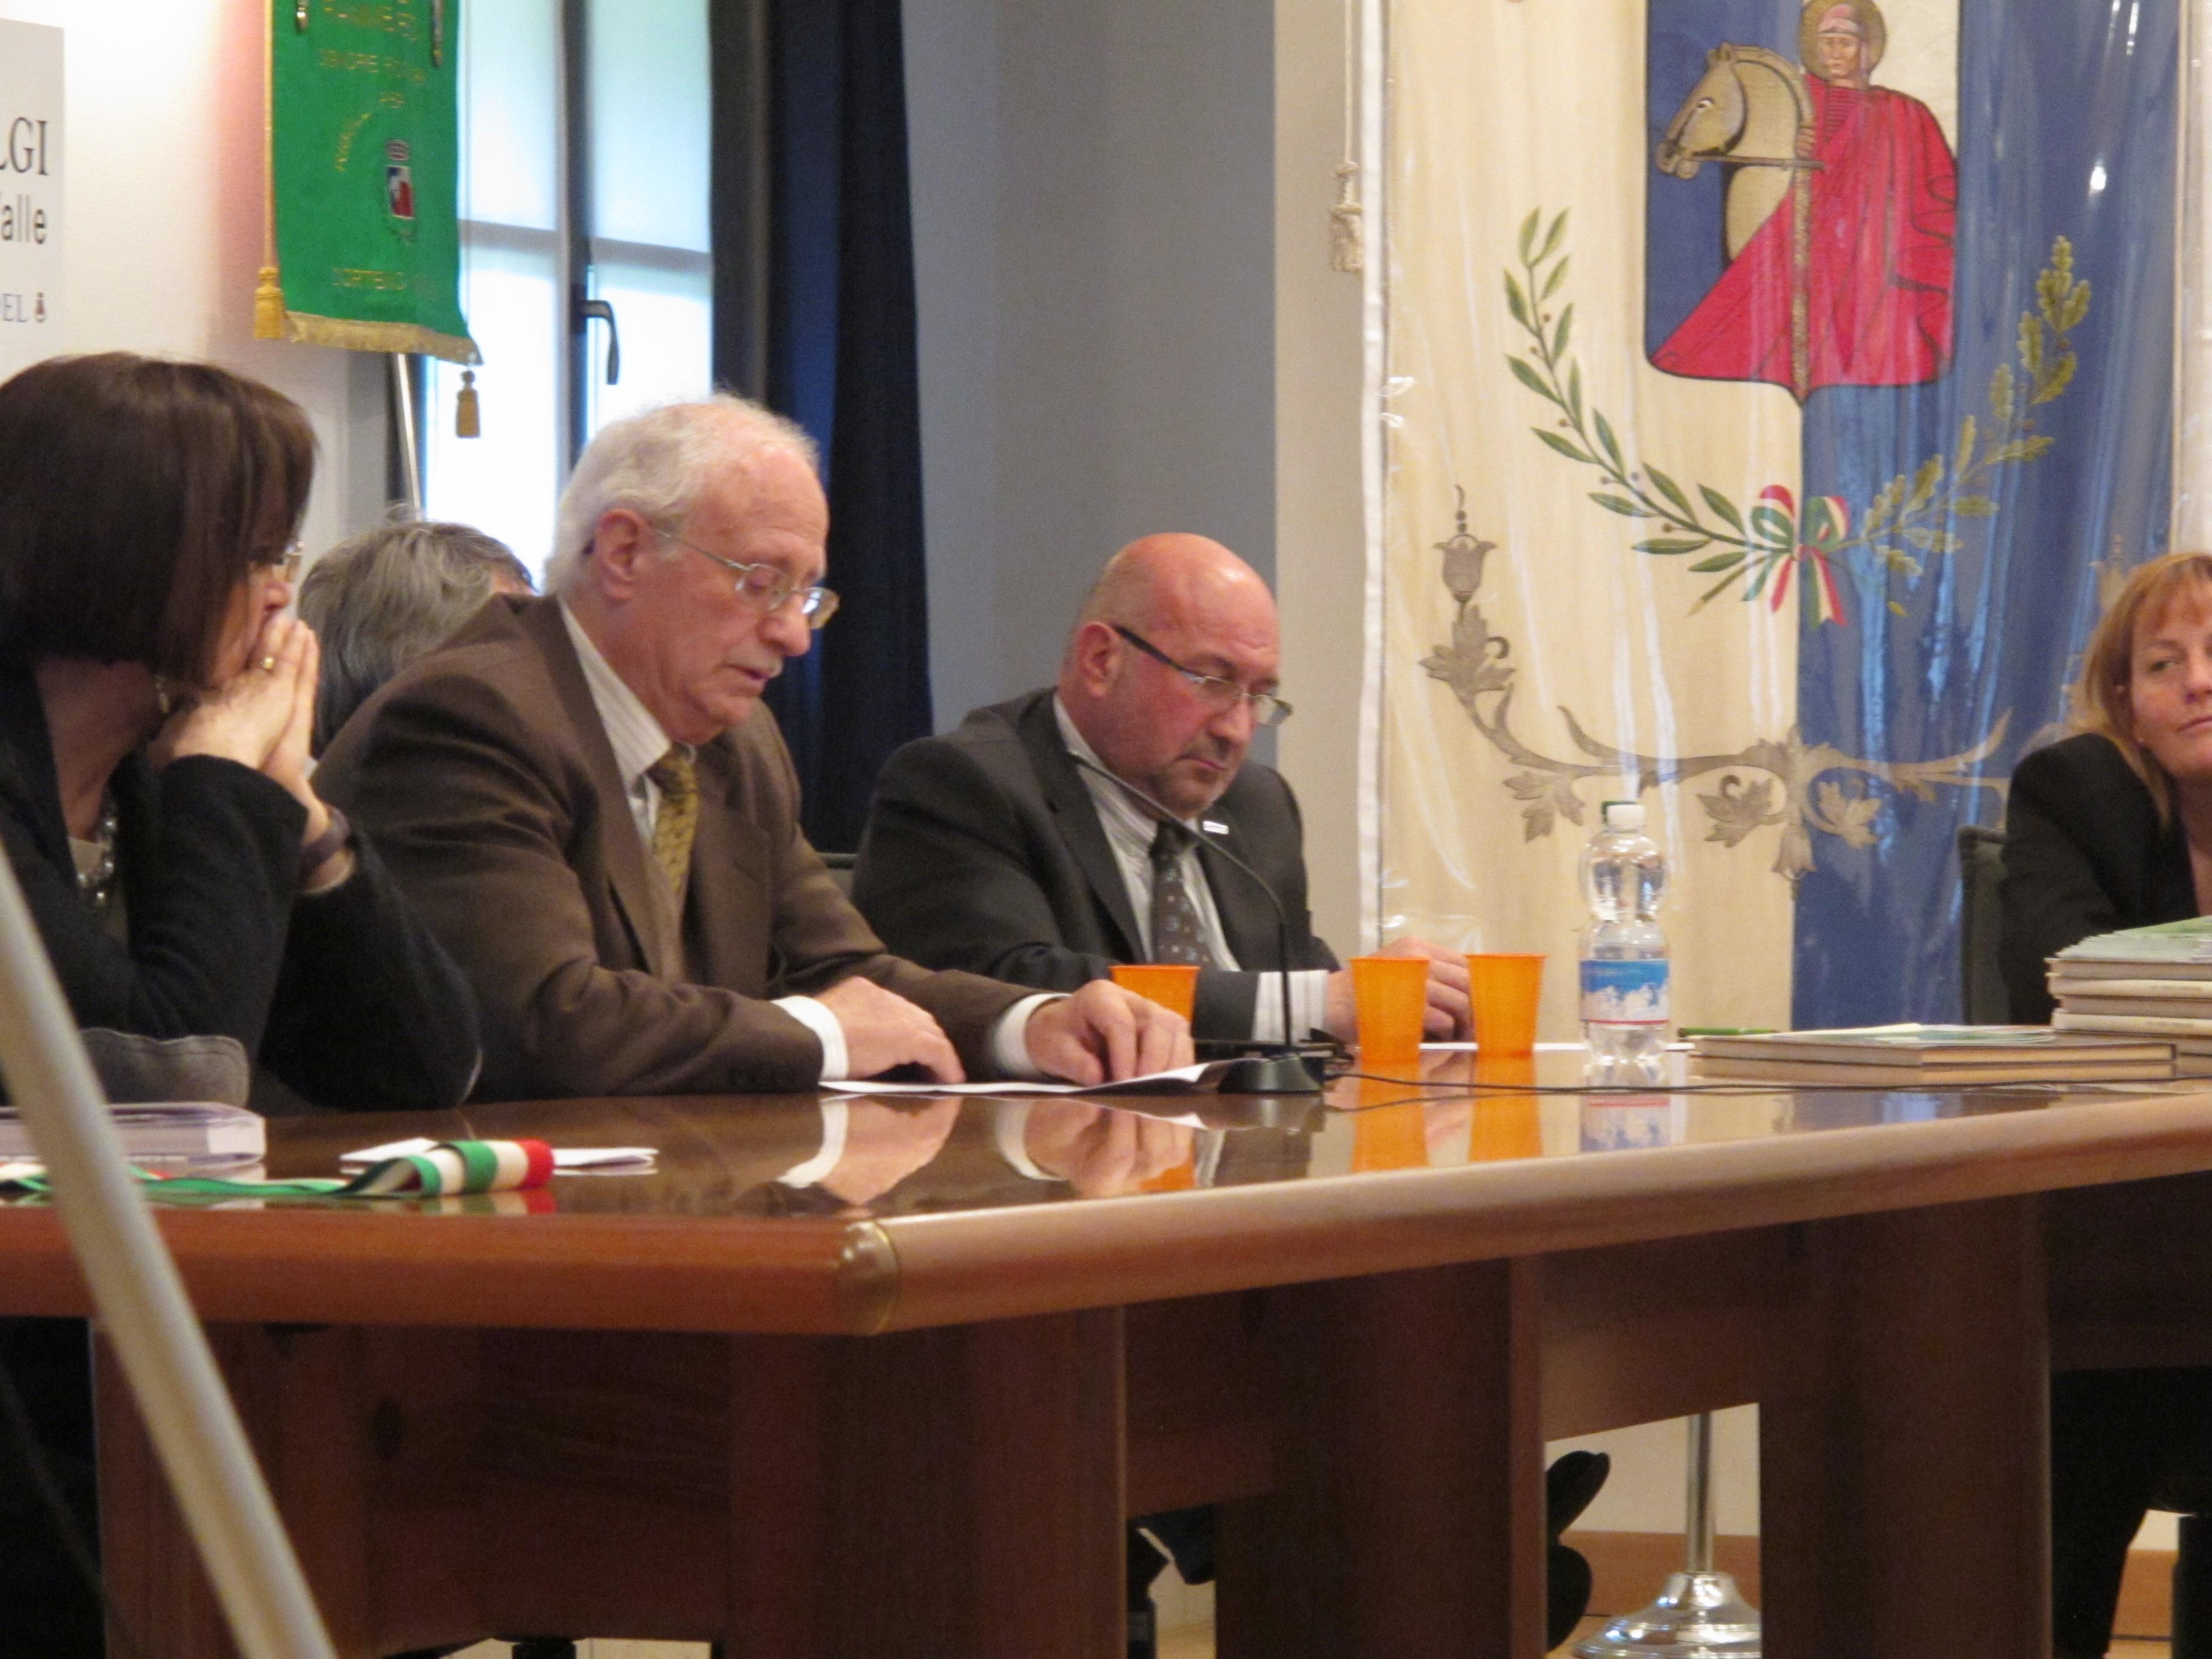 40_convegno Resistenza seme dell'Europa a Corteno Golgi